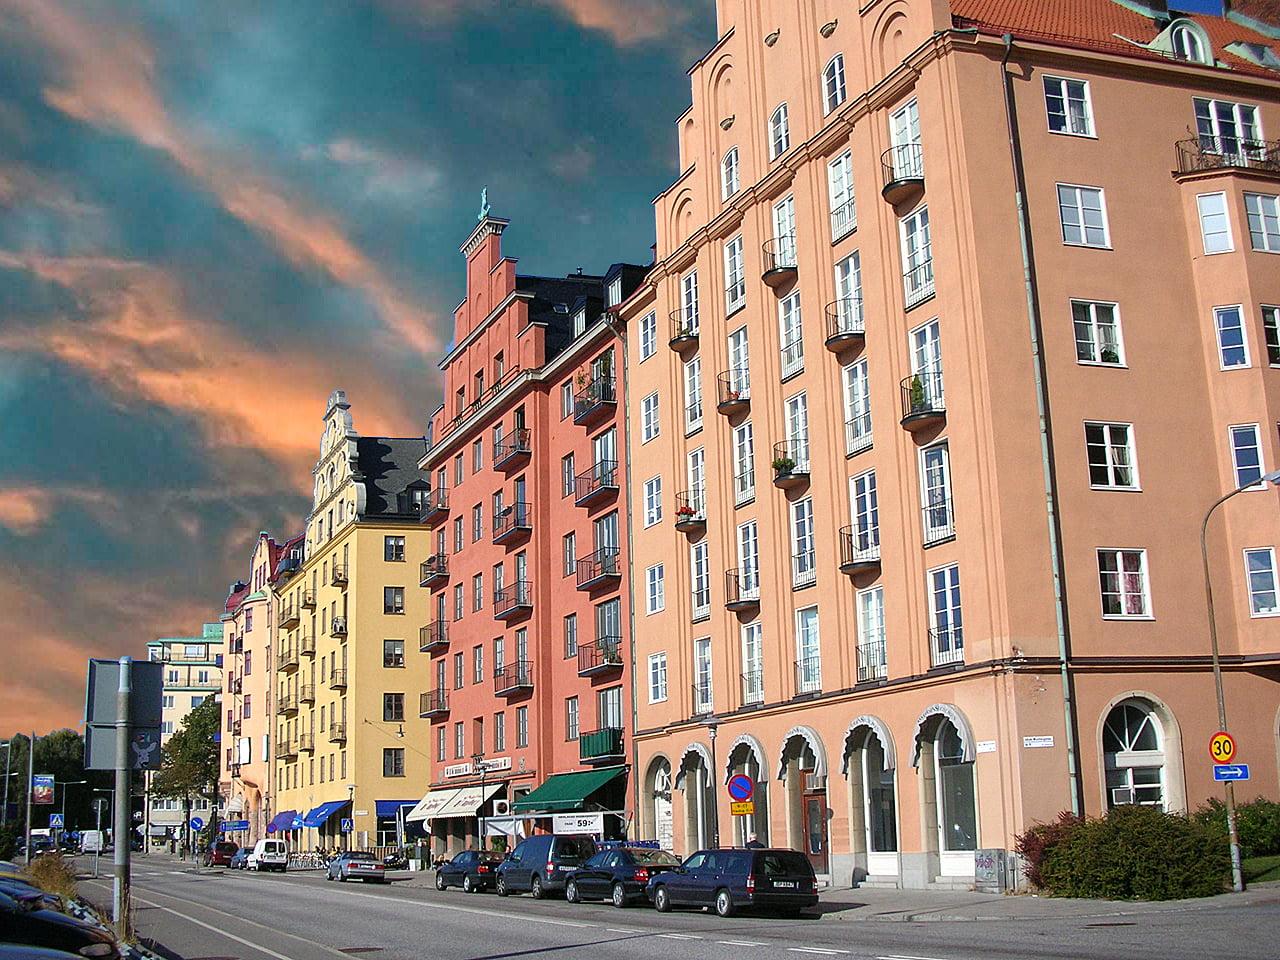 Casas de Estocolmo